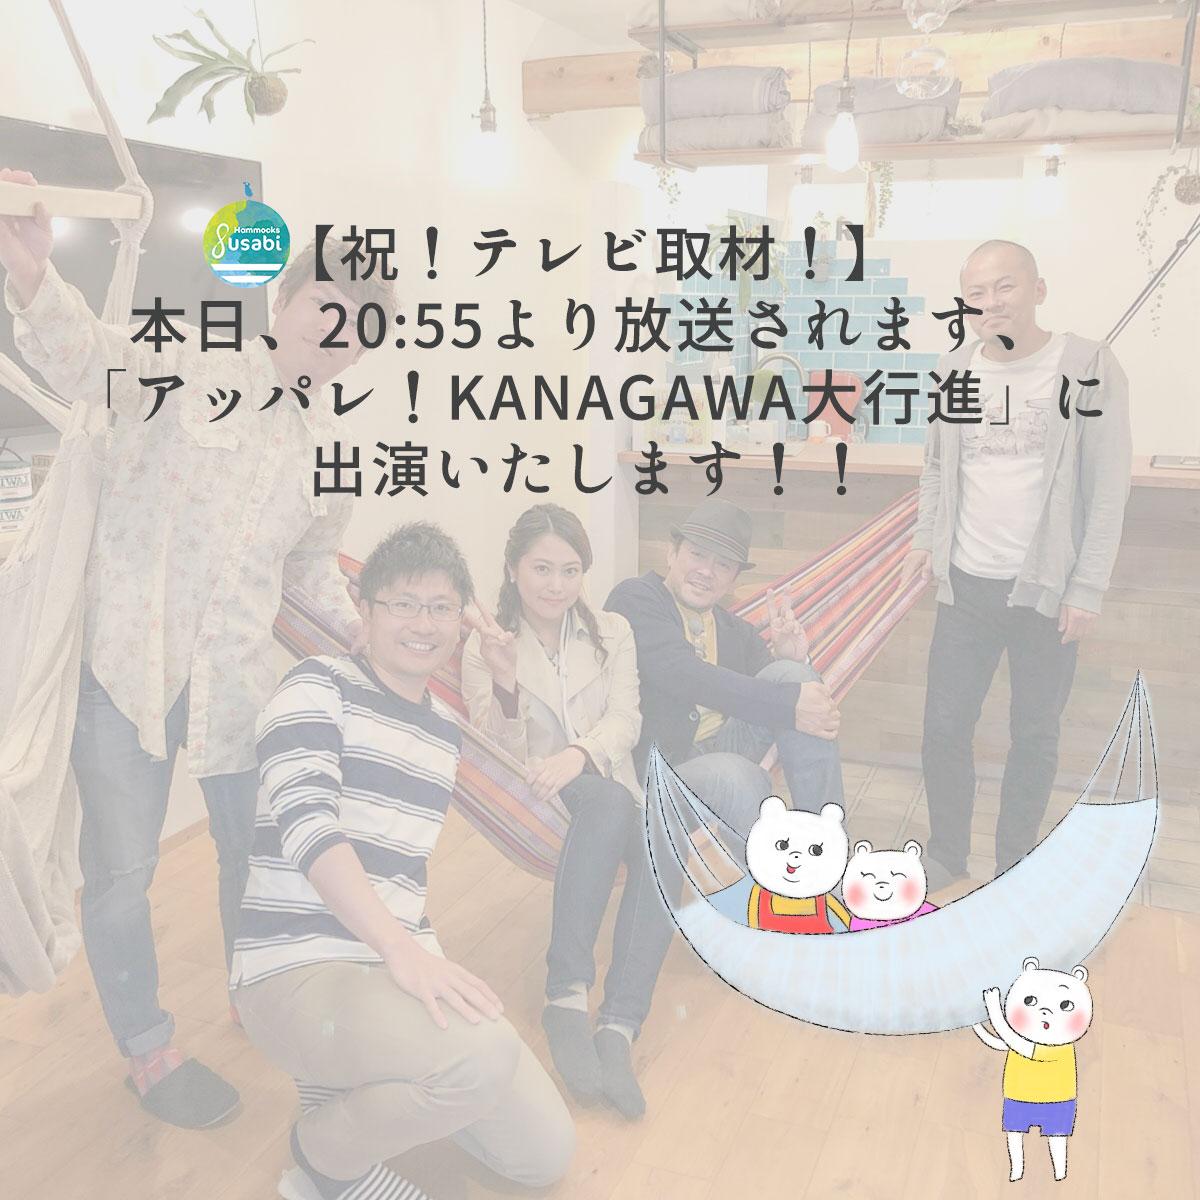 あっぱれ!KANAGAWA大行進でハンモック